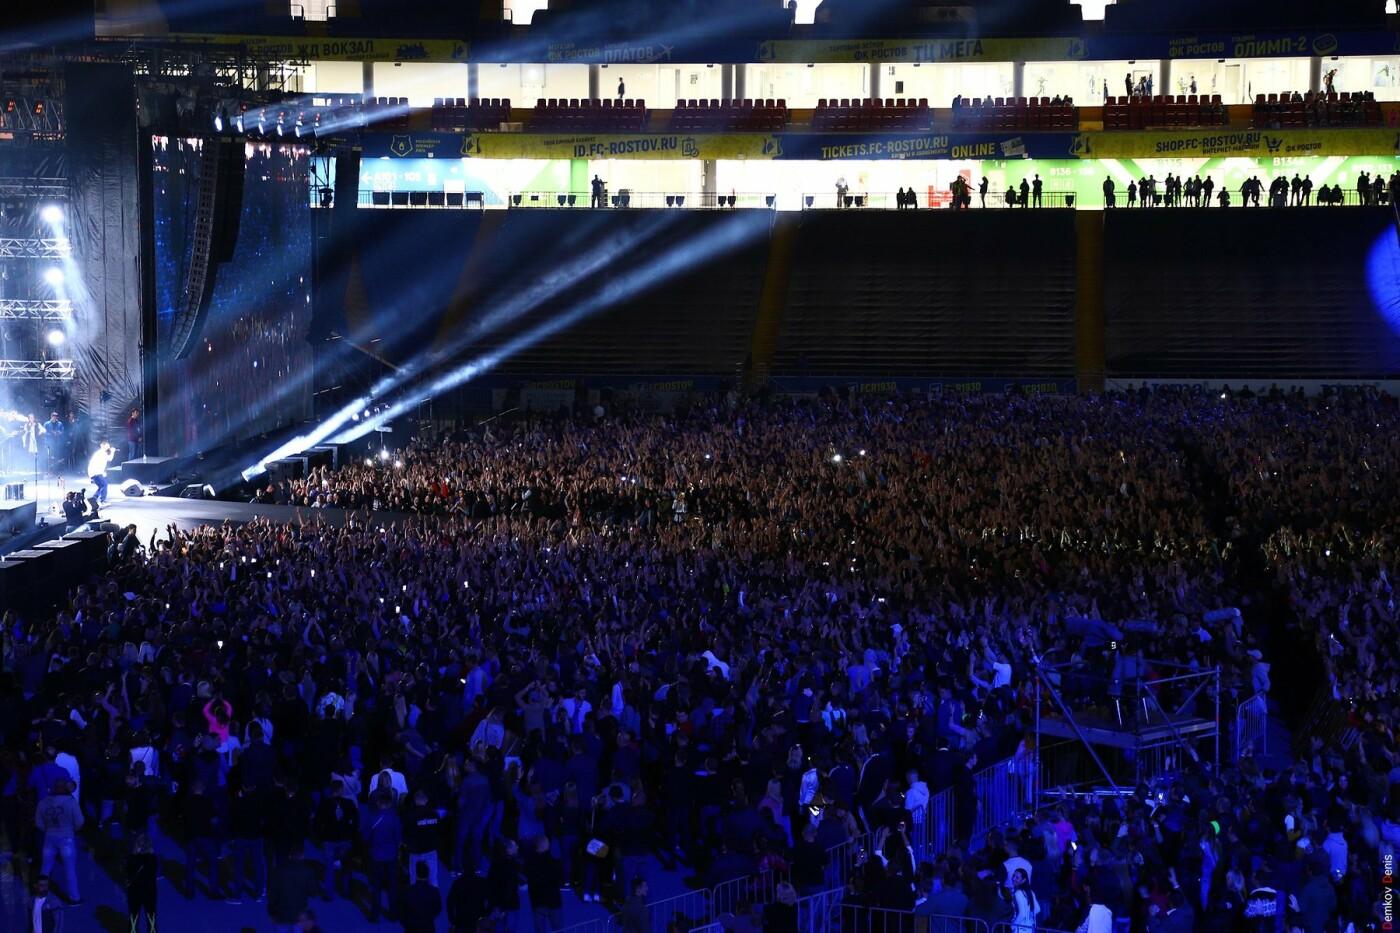 На первый большой концерт Басты в Ростове пришли 35 тысяч зрителей, фото-3